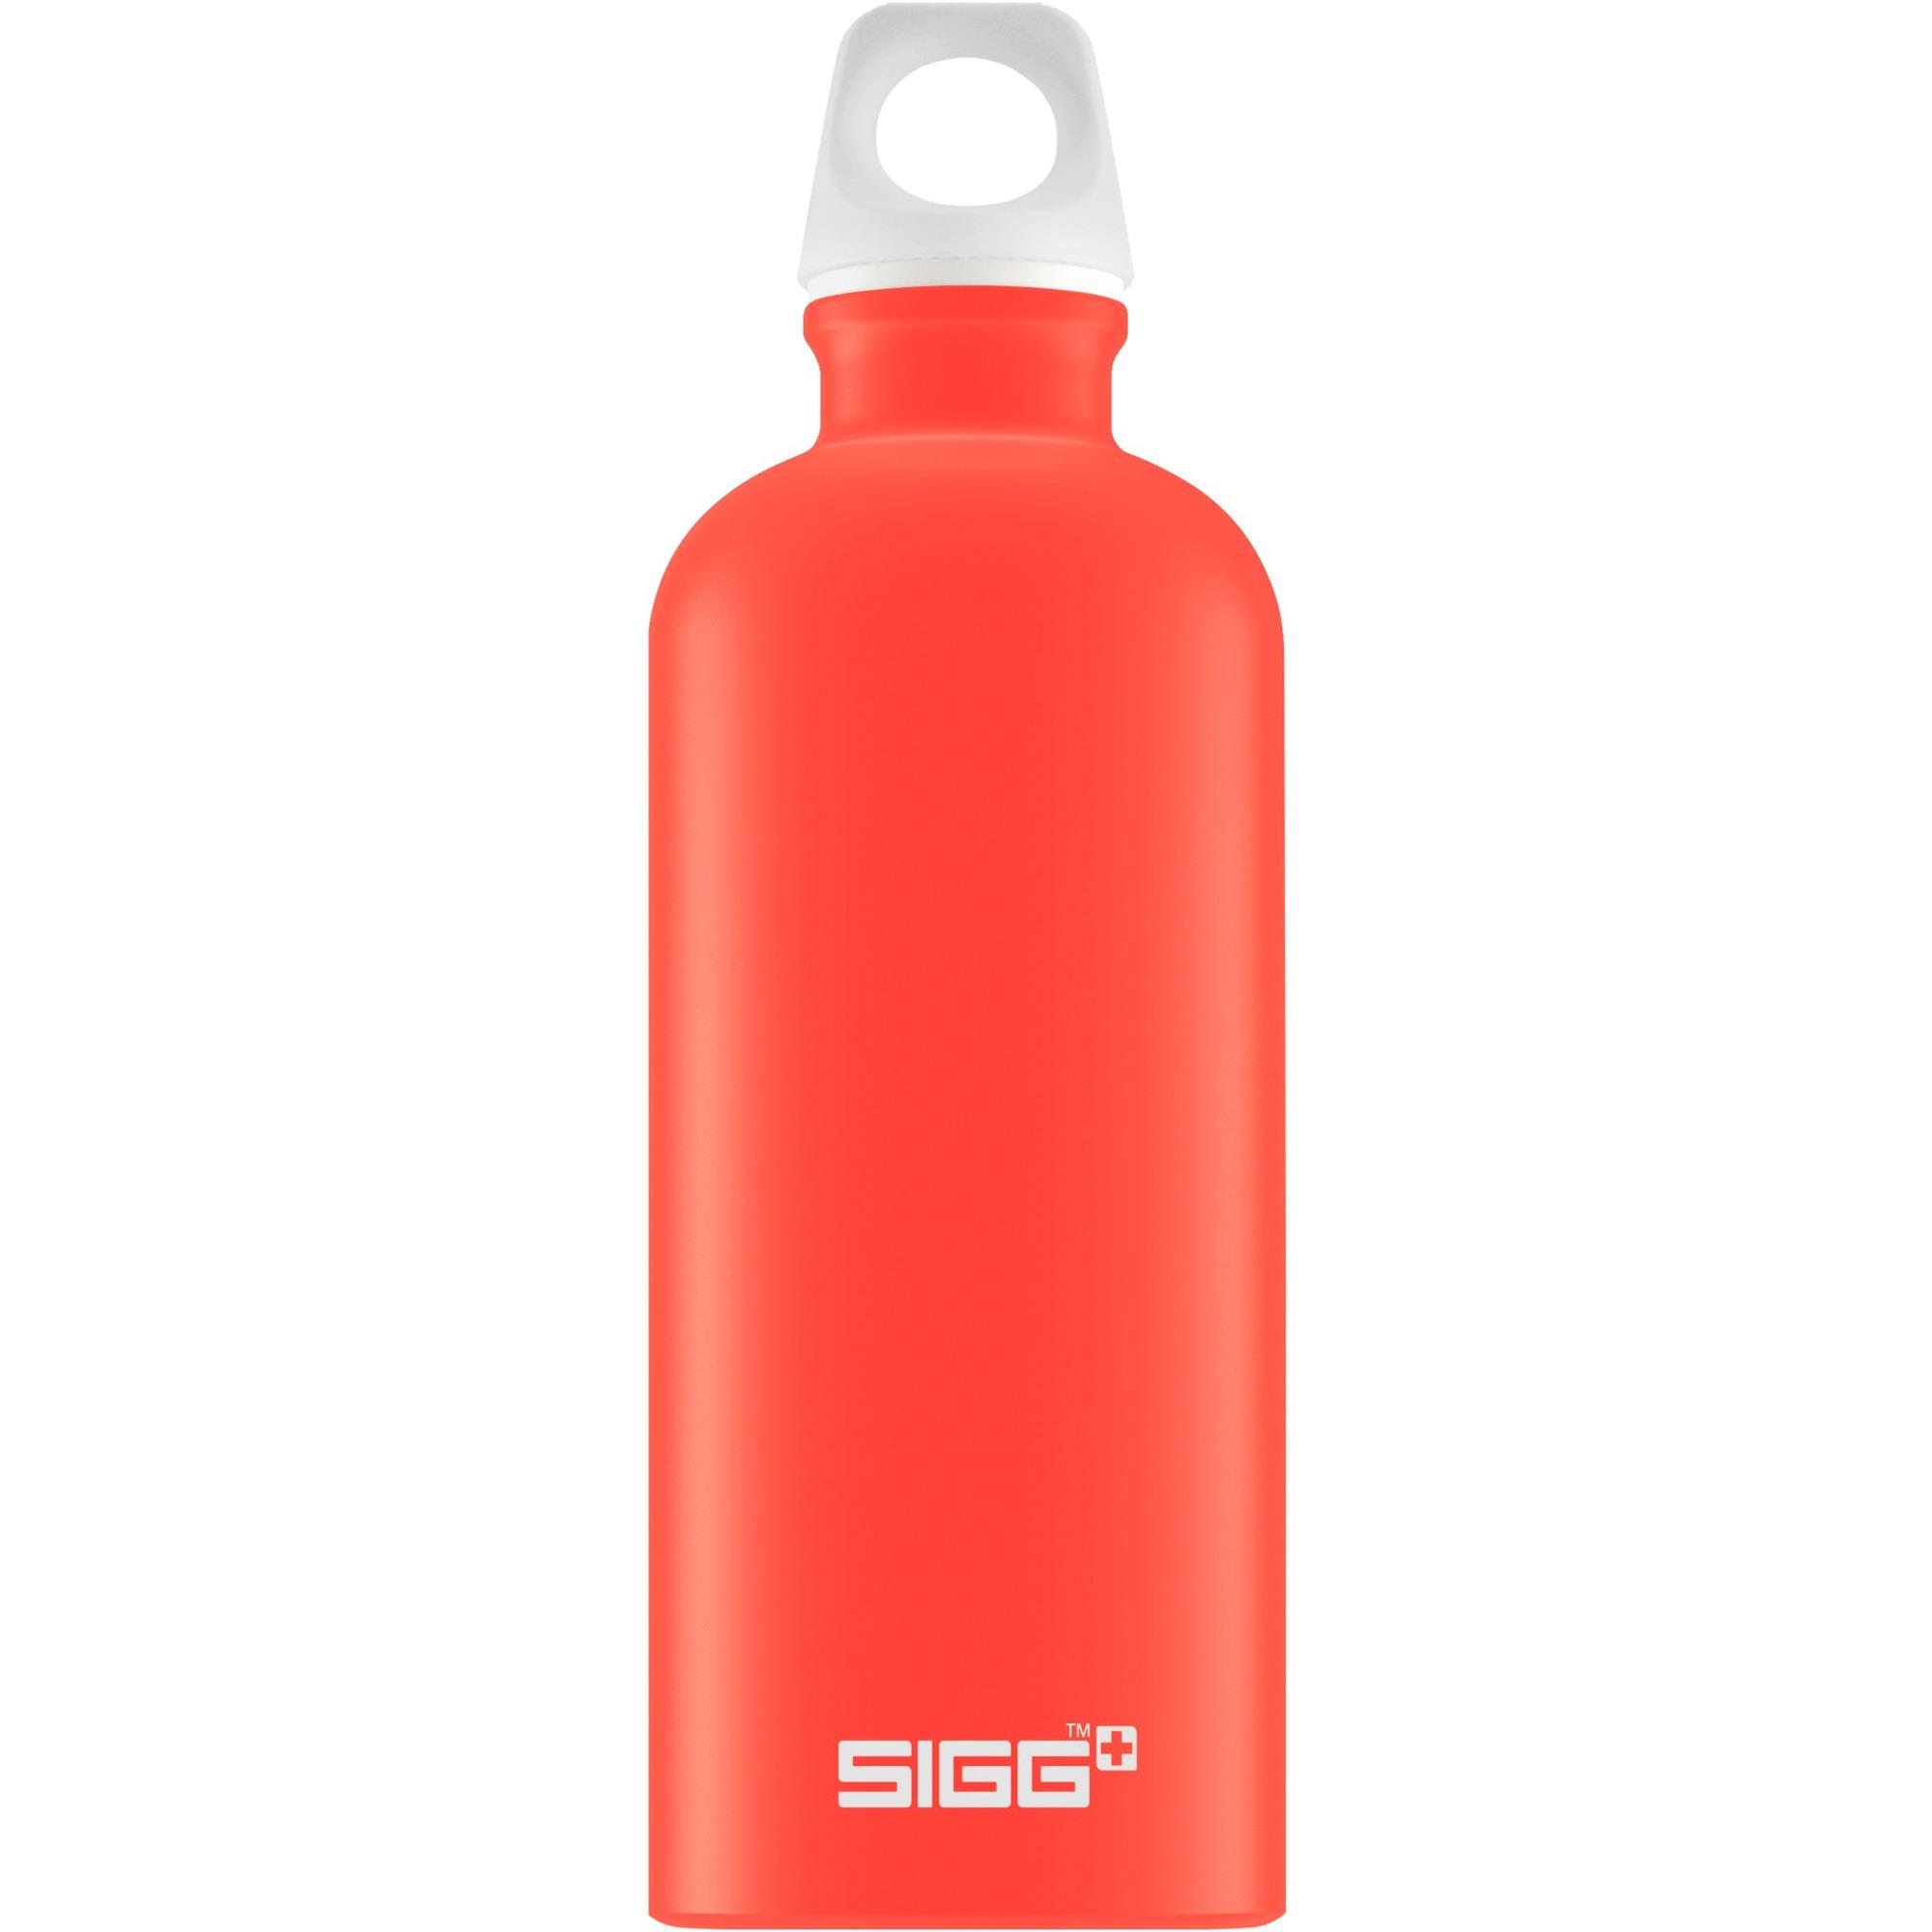 Sigg dynamic touch water bottle prezzi migliori offerte for Botole per tetti prezzi